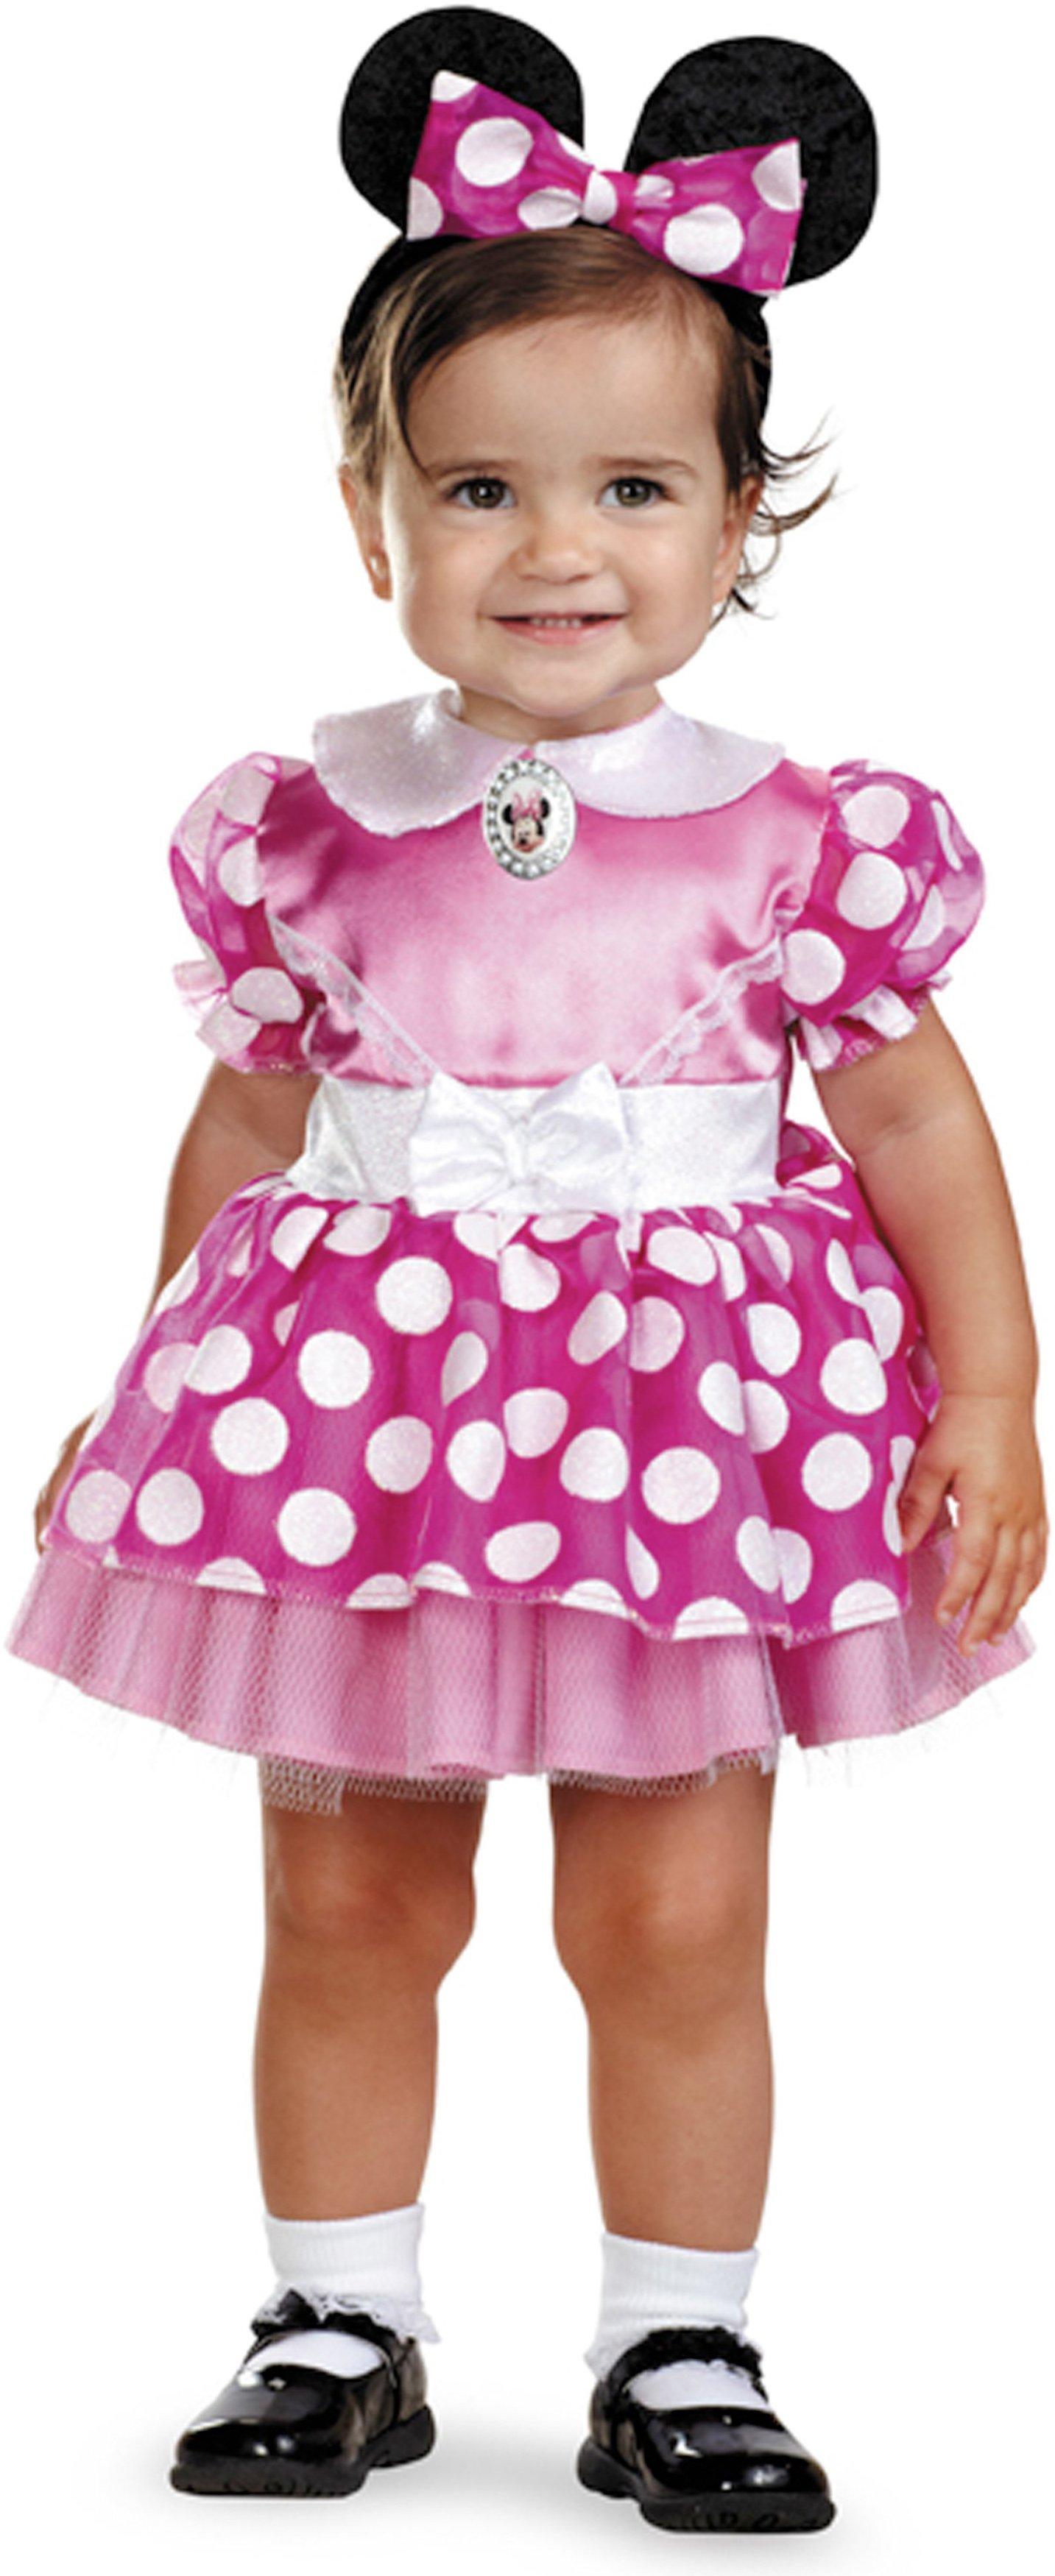 طموح ستراتفورد على آفون القرون الوسطى ملابس اطفال بشخصيات كرتونية Dsvdedommel Com